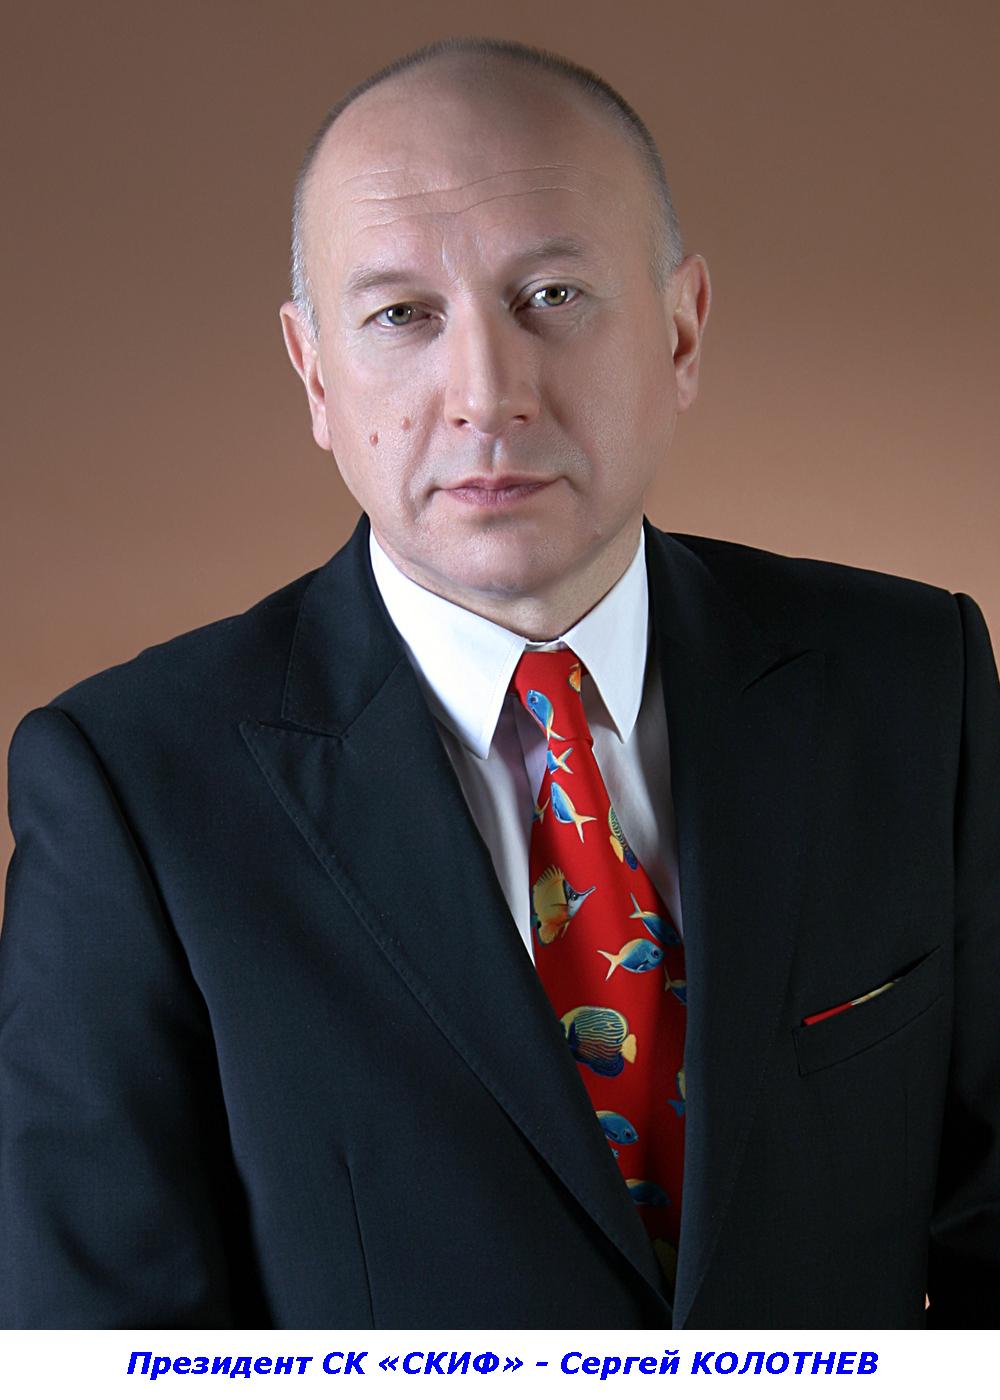 КОЛОТНЕВ Сергей (2)